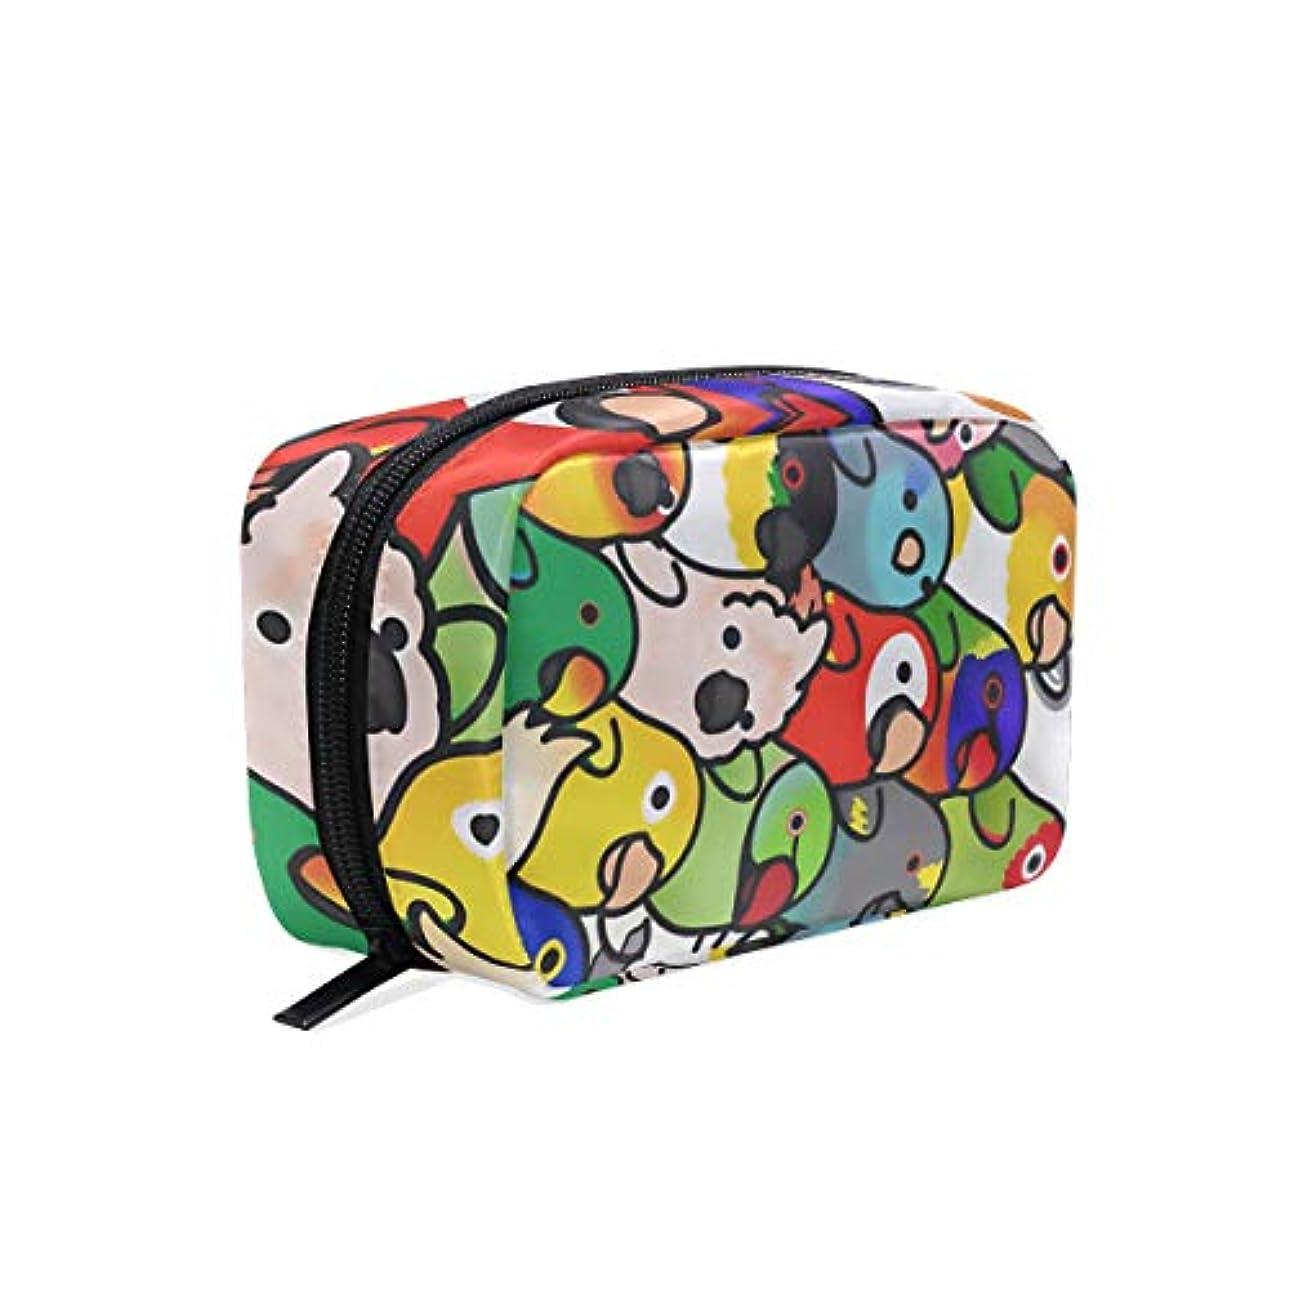 インテリア異邦人見通し鳥 鸚鵡 こんごういんこ 化粧品袋 ジッパーと繊細な印刷パターン付き 列車 旅行 荷物梱包用 女の子へのプレゼント Parrots Lovebird Macaw